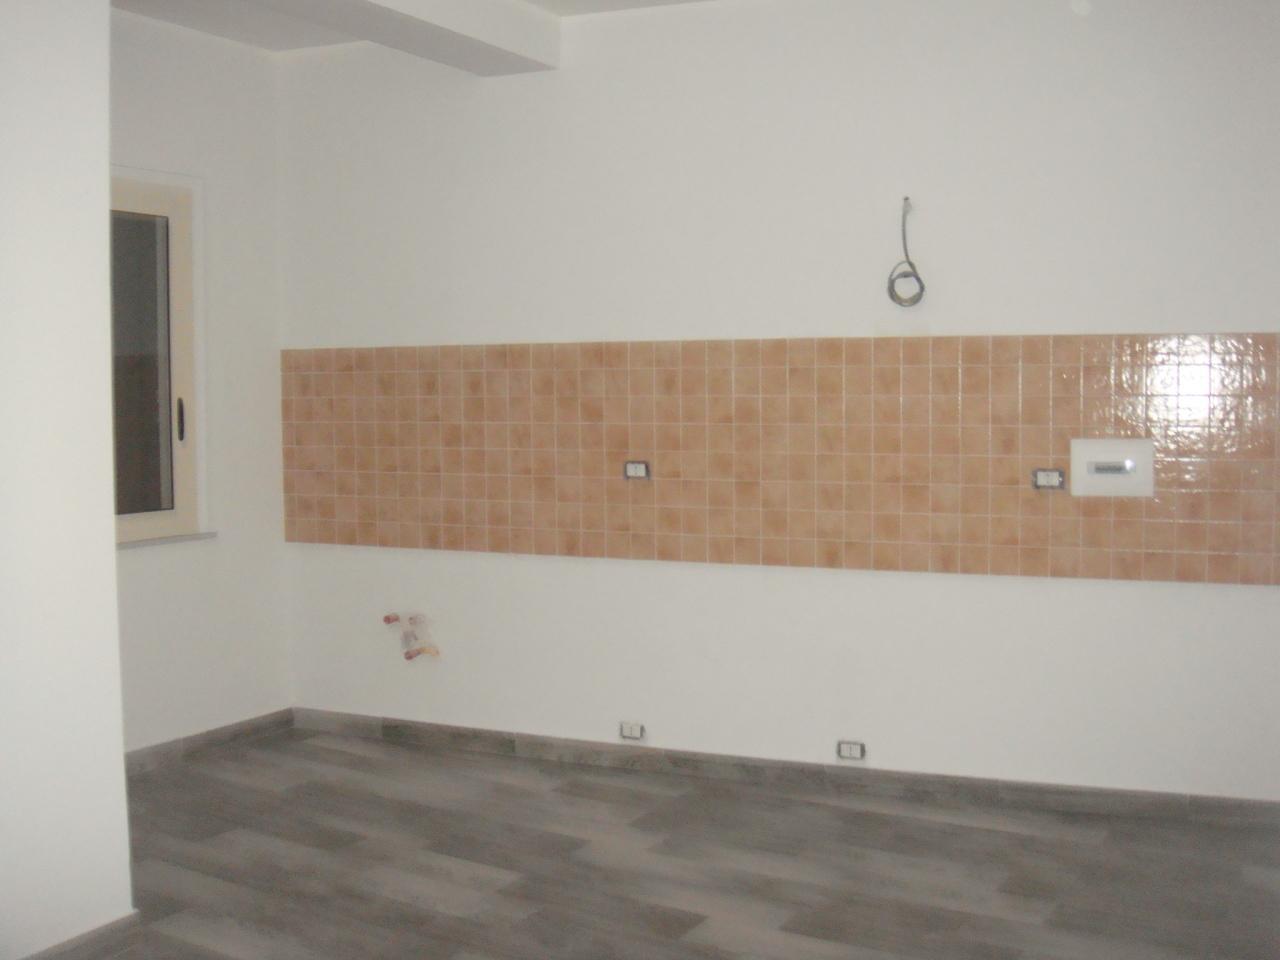 Appartamento in vendita a Reggio Calabria, 2 locali, prezzo € 45.000 | CambioCasa.it